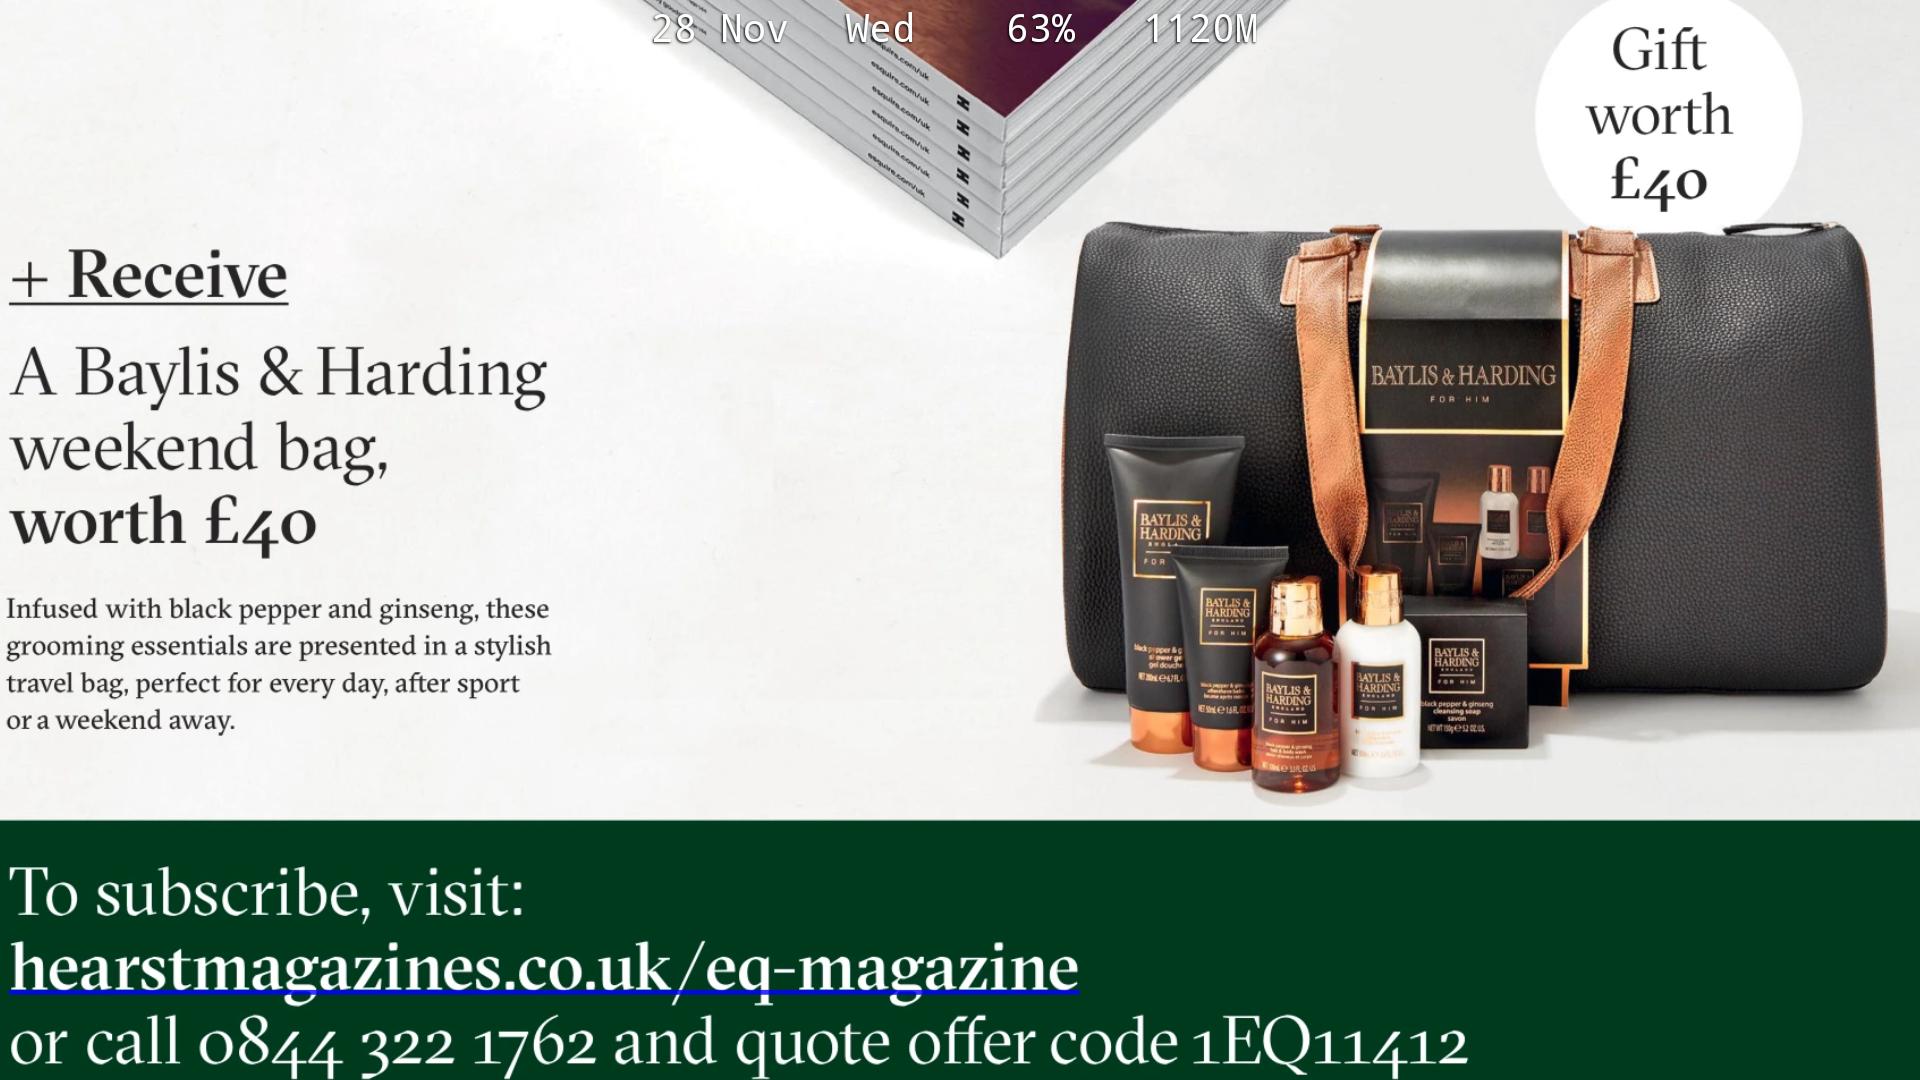 1 year Esquire Magazine sub + Baylis & Harding Weekend Bag £28 @ Hearst magazones